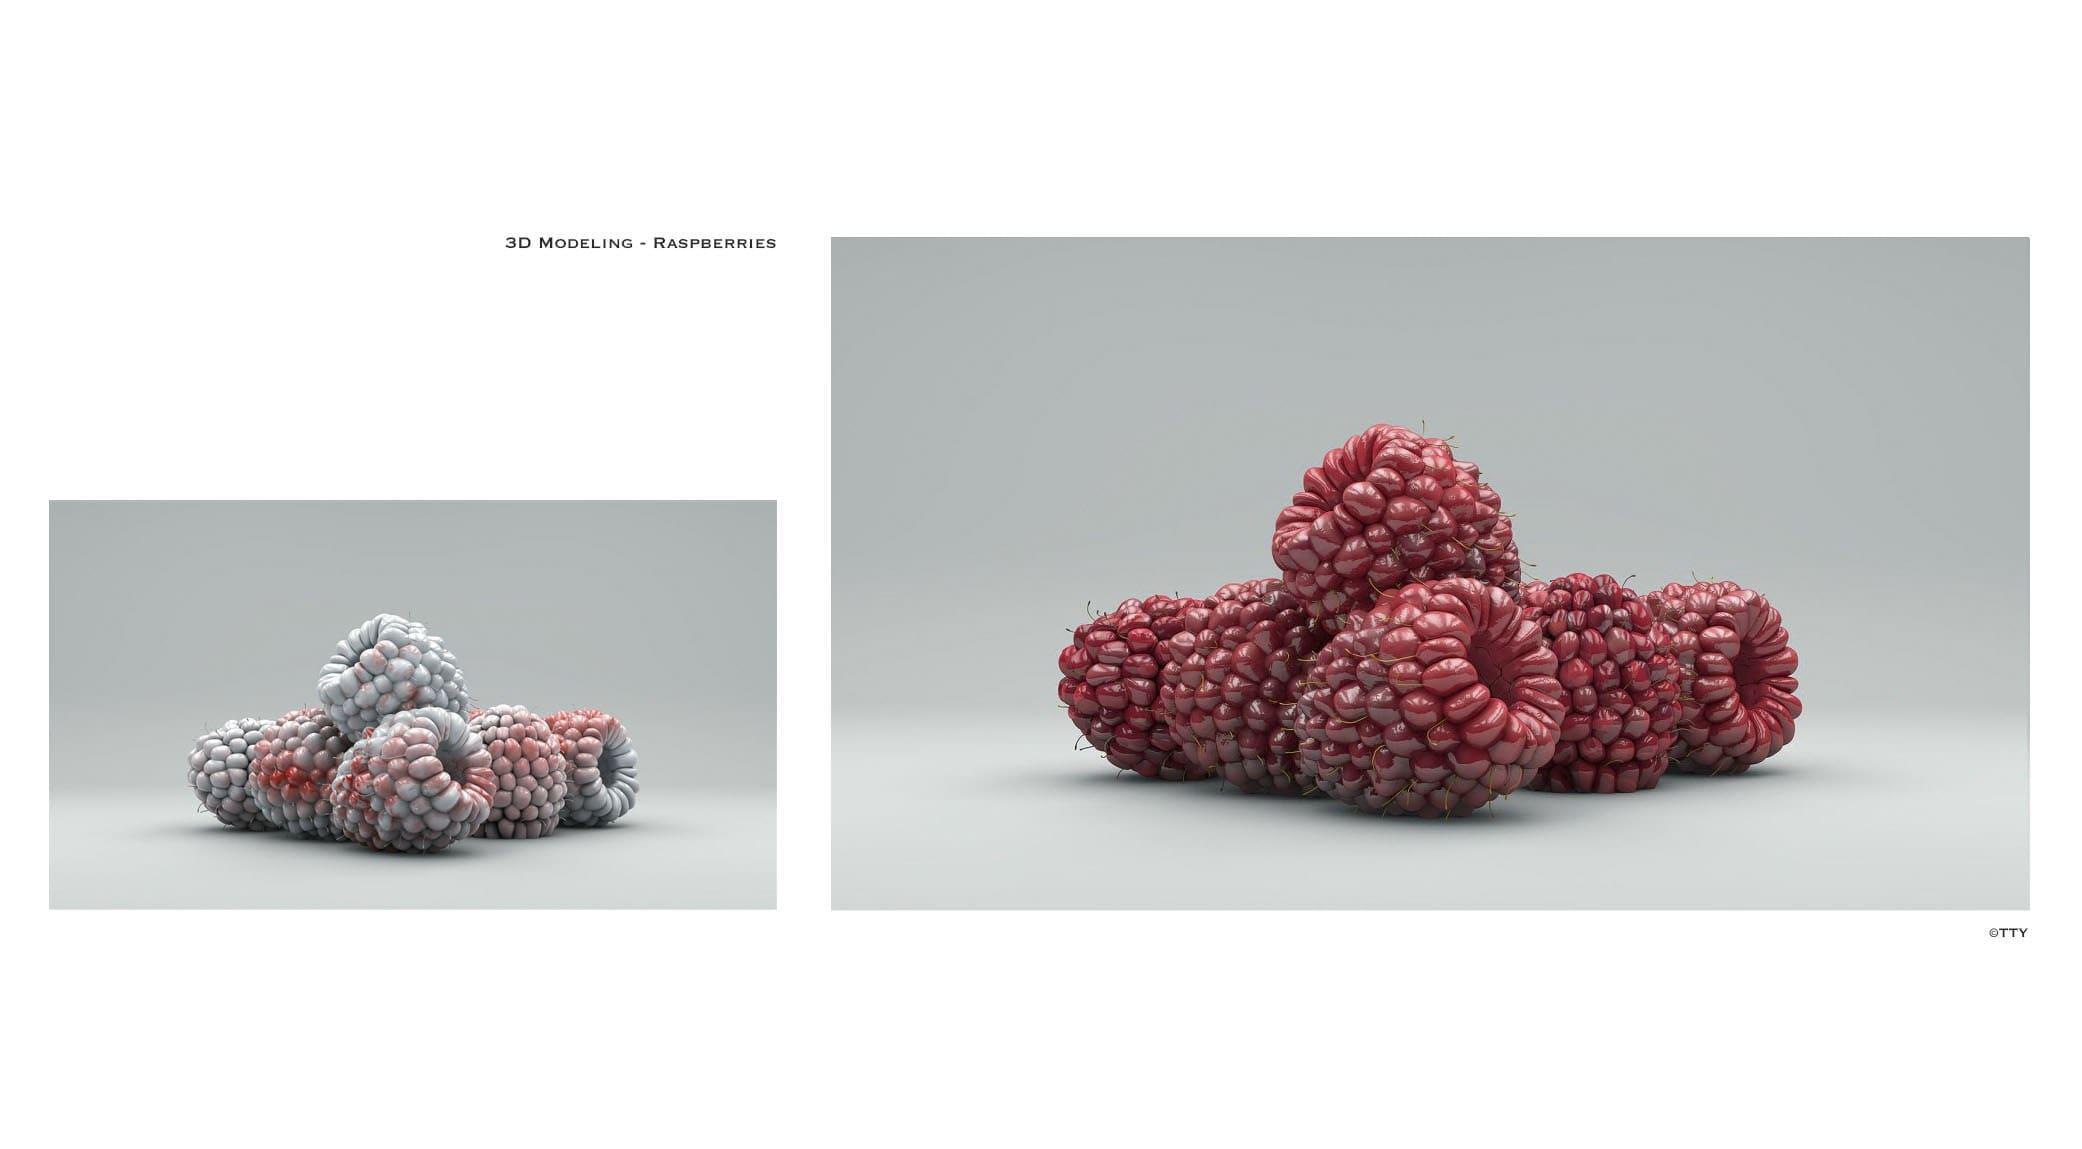 original_TTY-3D-Modeling-Raspberries.jpg